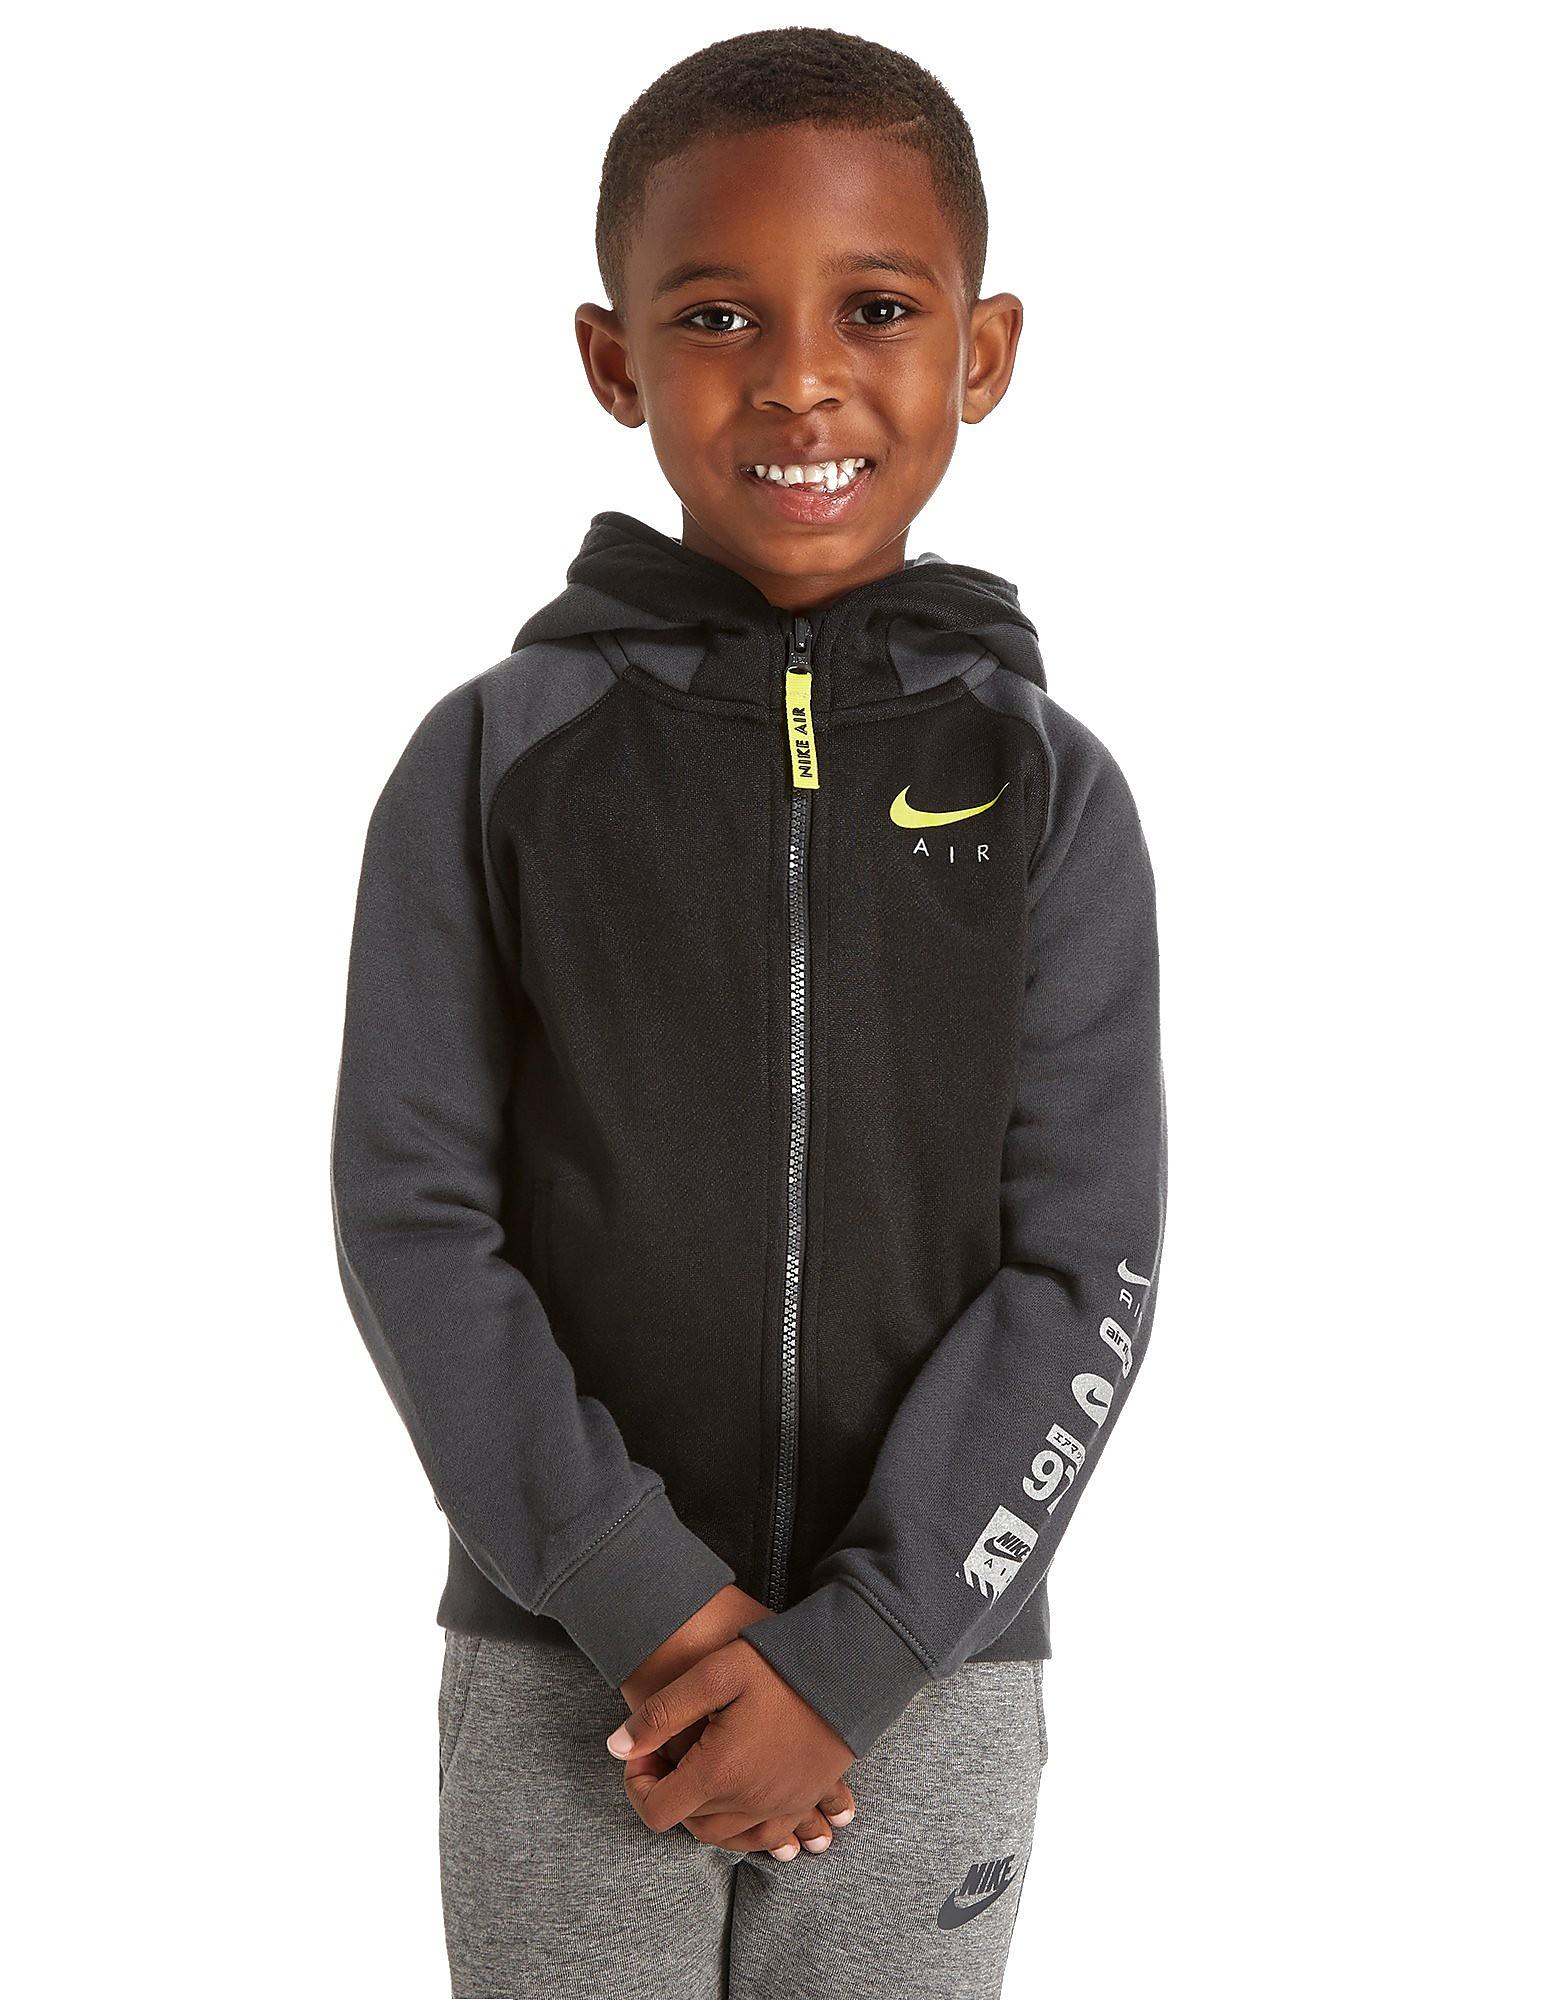 Nike Air Felpa con Cappuccio Bambino